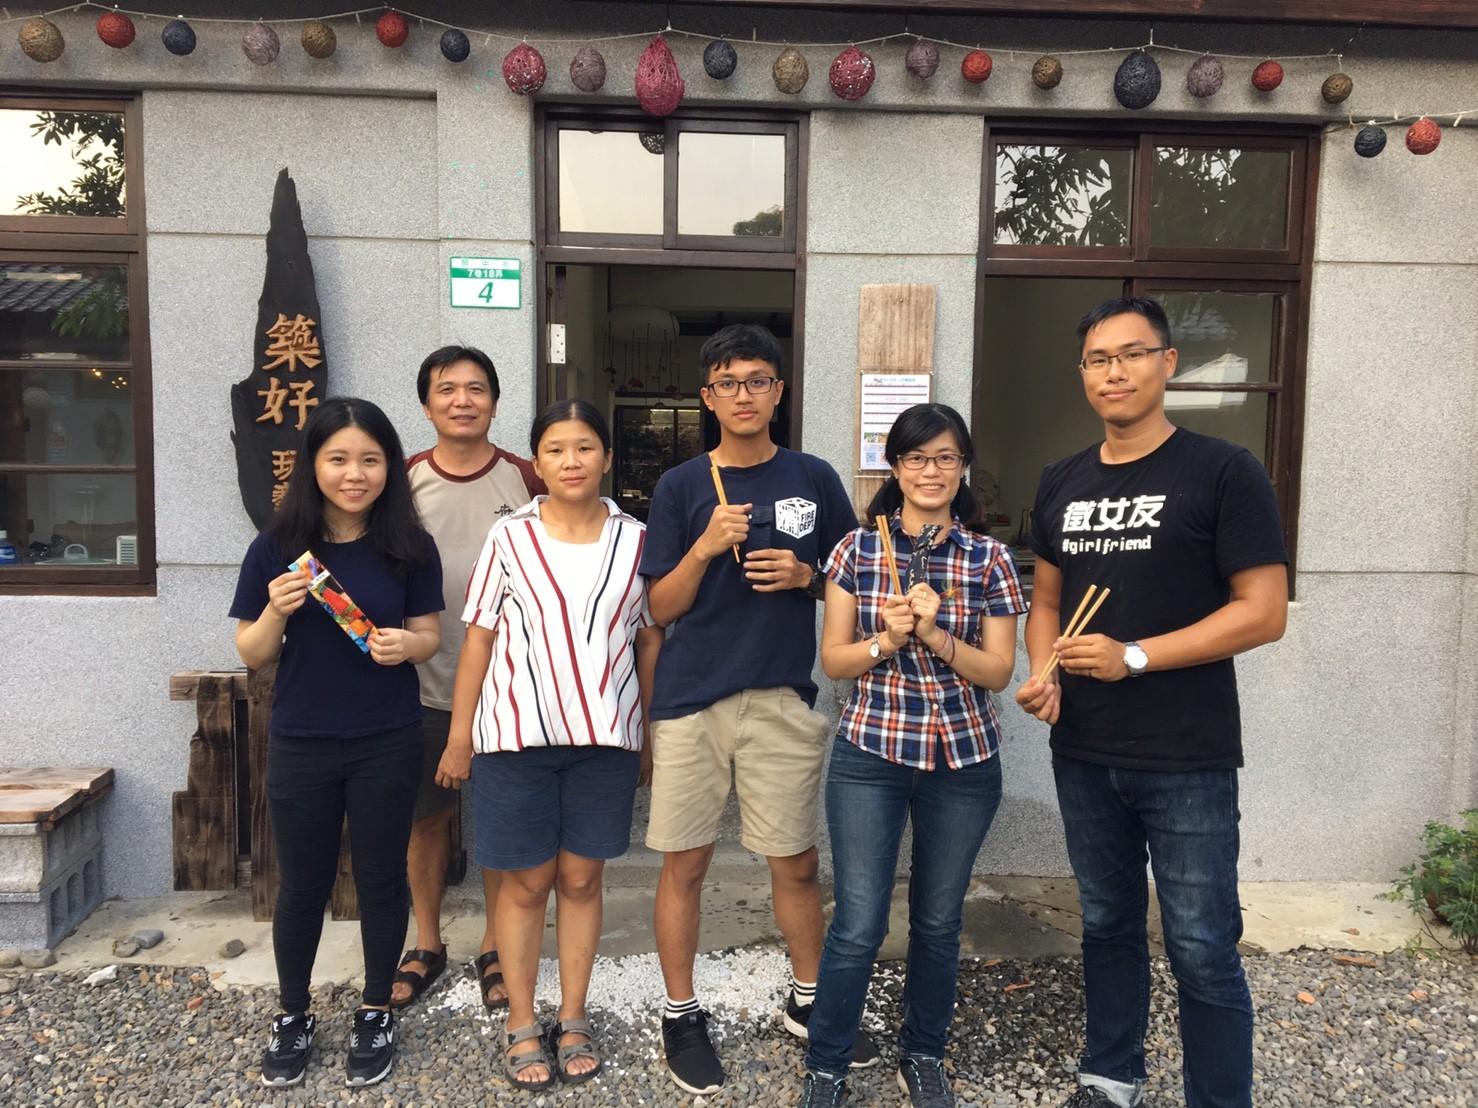 2016/10/16第三期「筷」意生活複合媒材體驗課圓滿成功